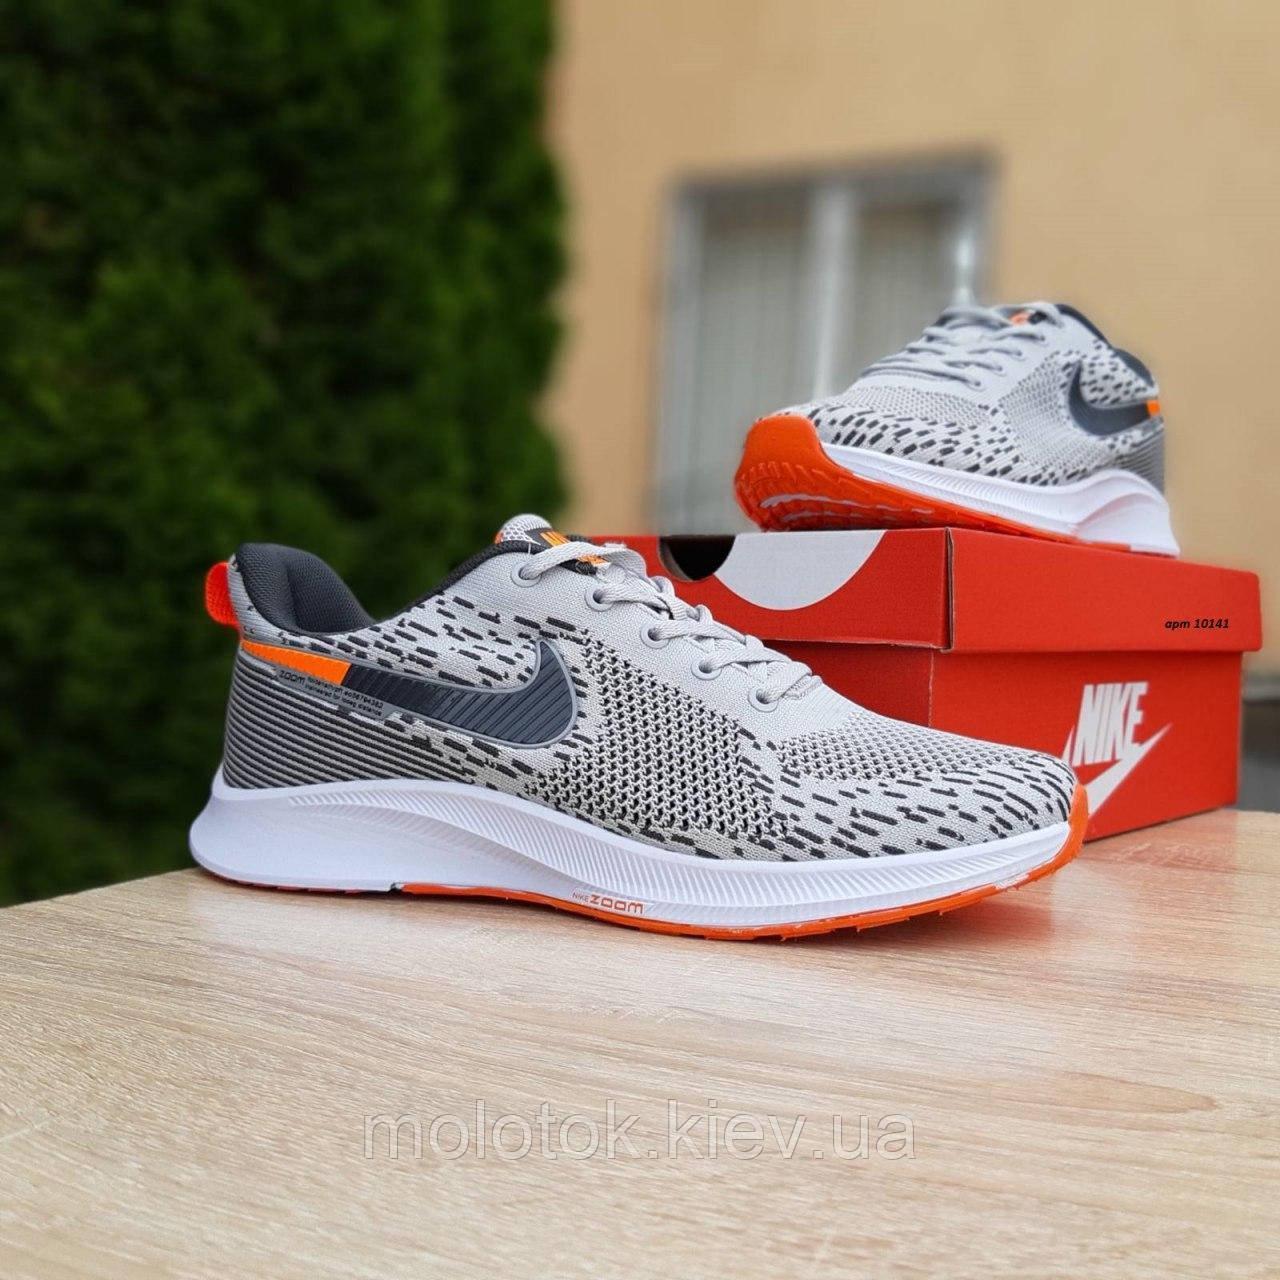 Чоловічі кросівки в стилі Nike Zoom AIR сірі з помаранчевим